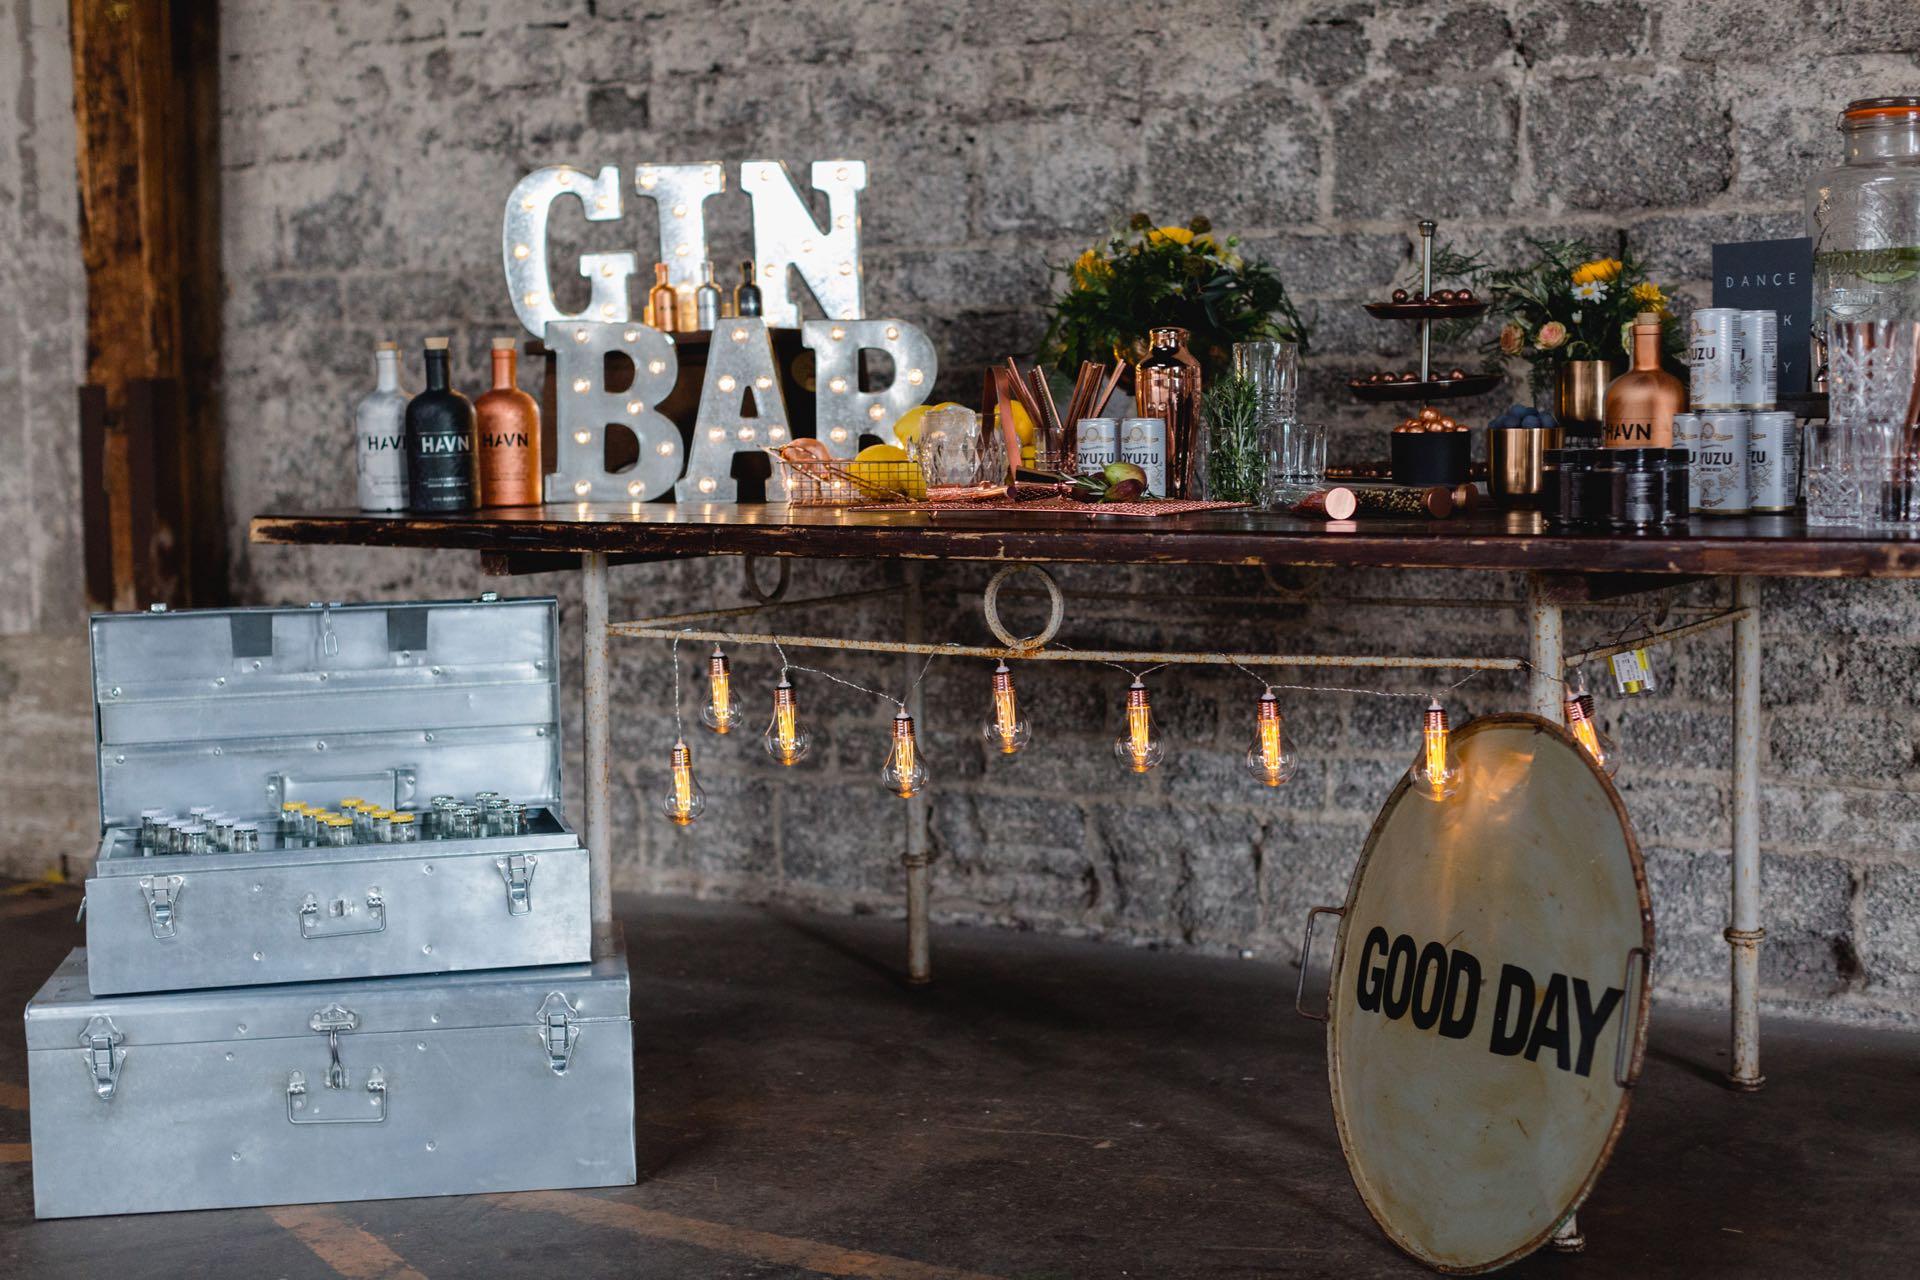 gin-bar-mein-distrikt-1